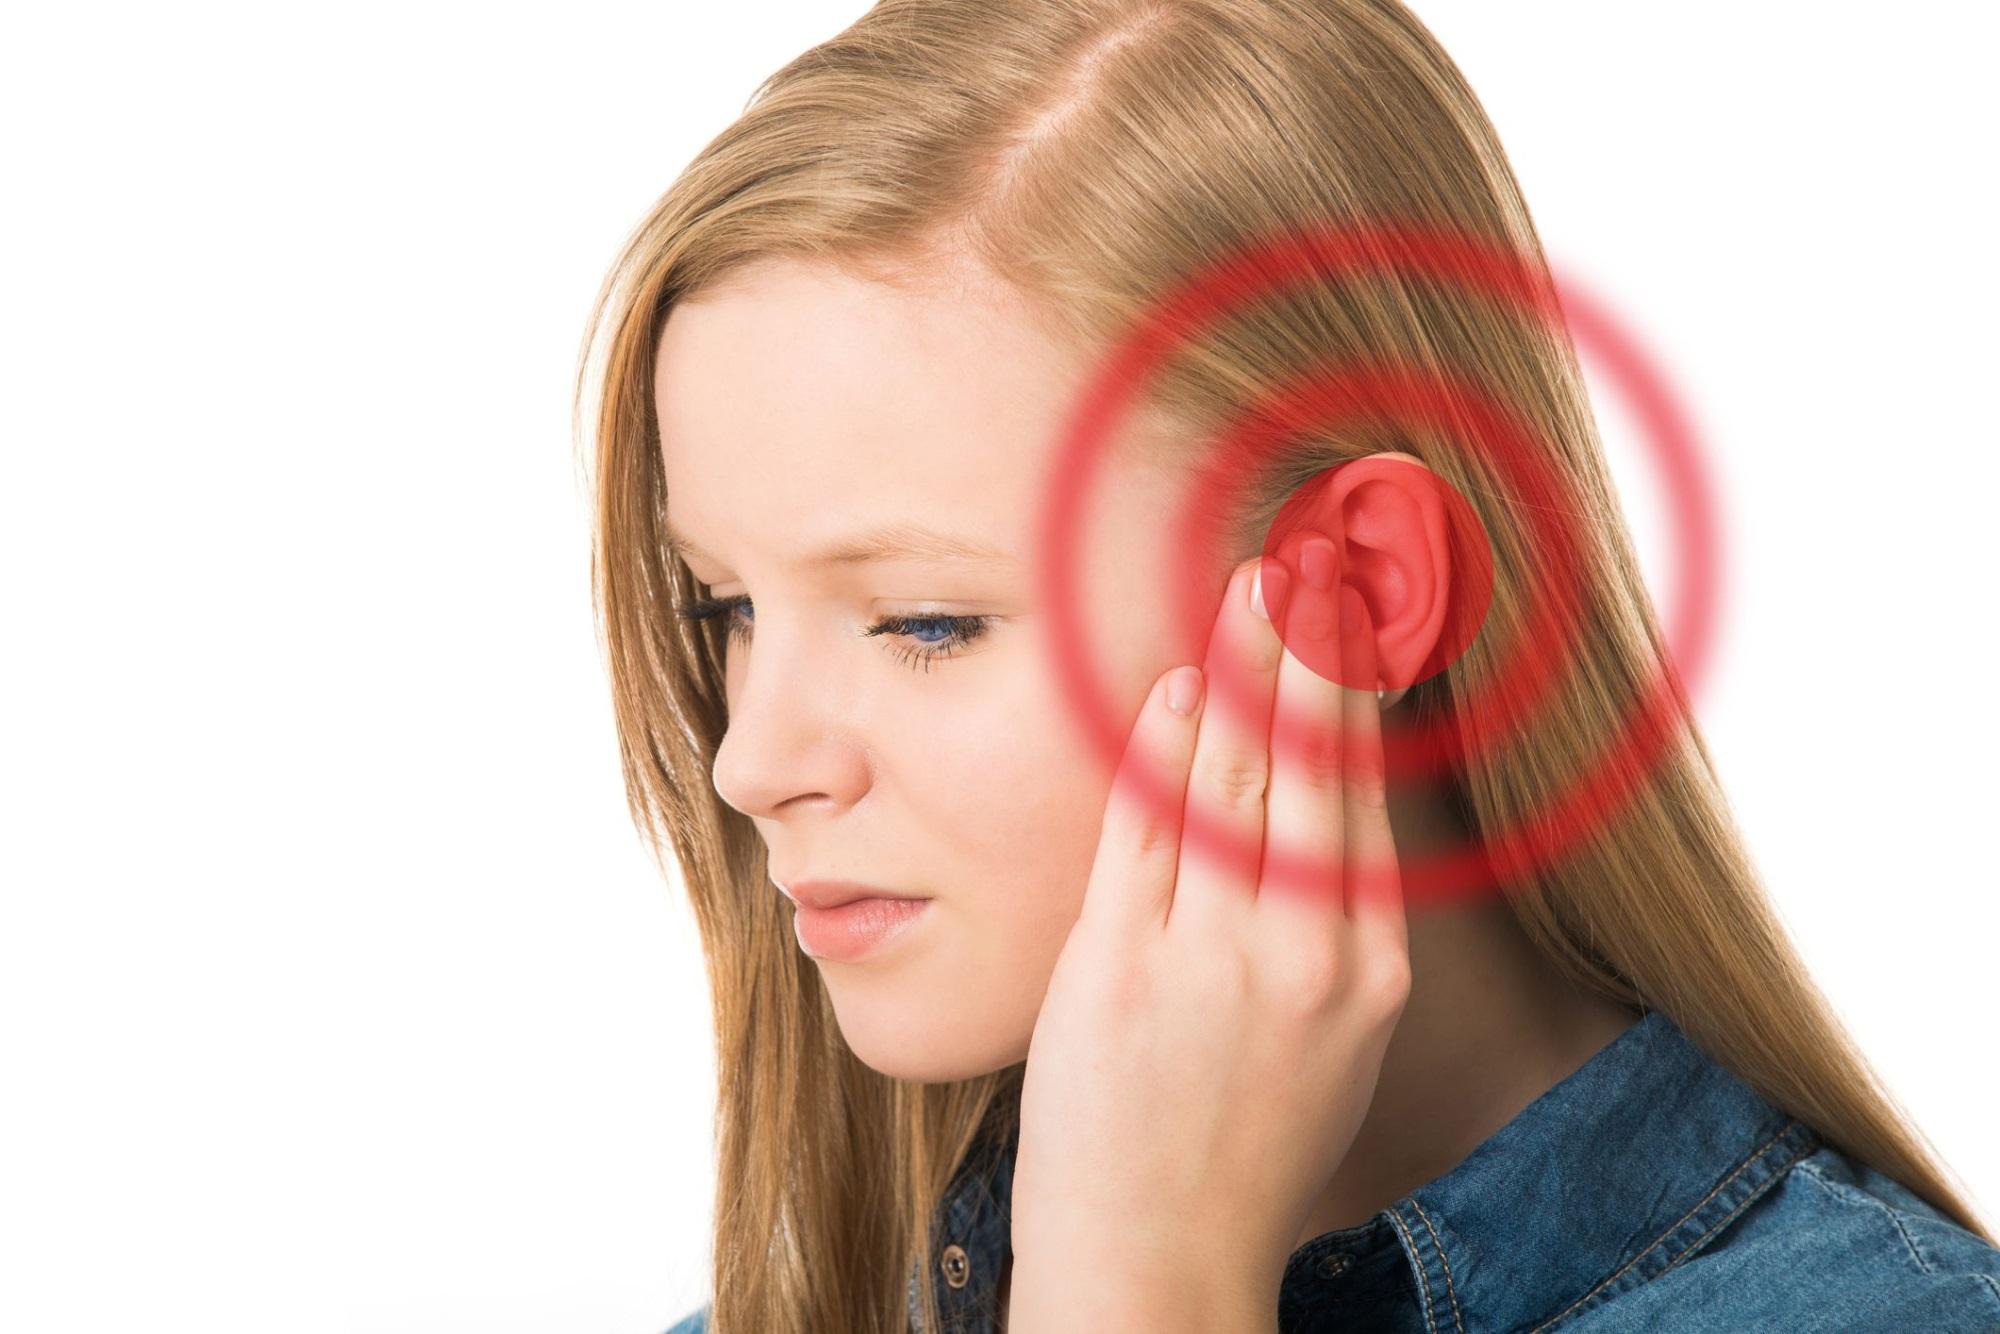 Ù tai gây ảnh hưởng như nào đến sức khỏe?